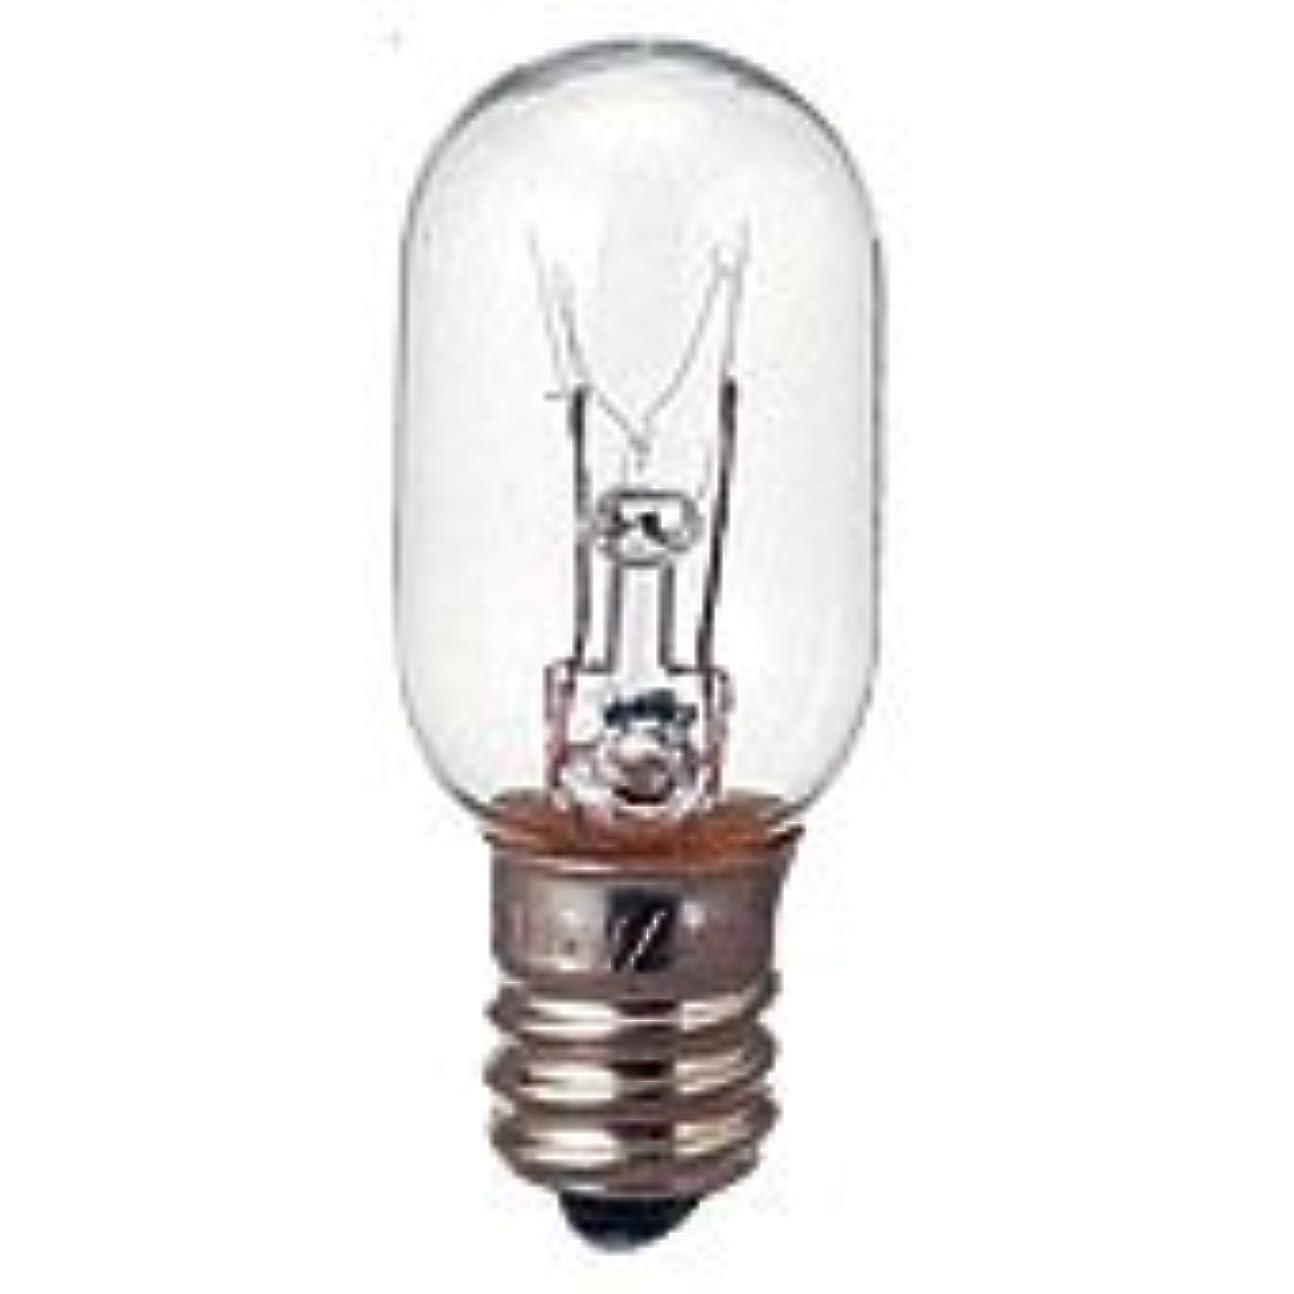 タイトドルネックレット生活の木 オールナイト用電球(5W)